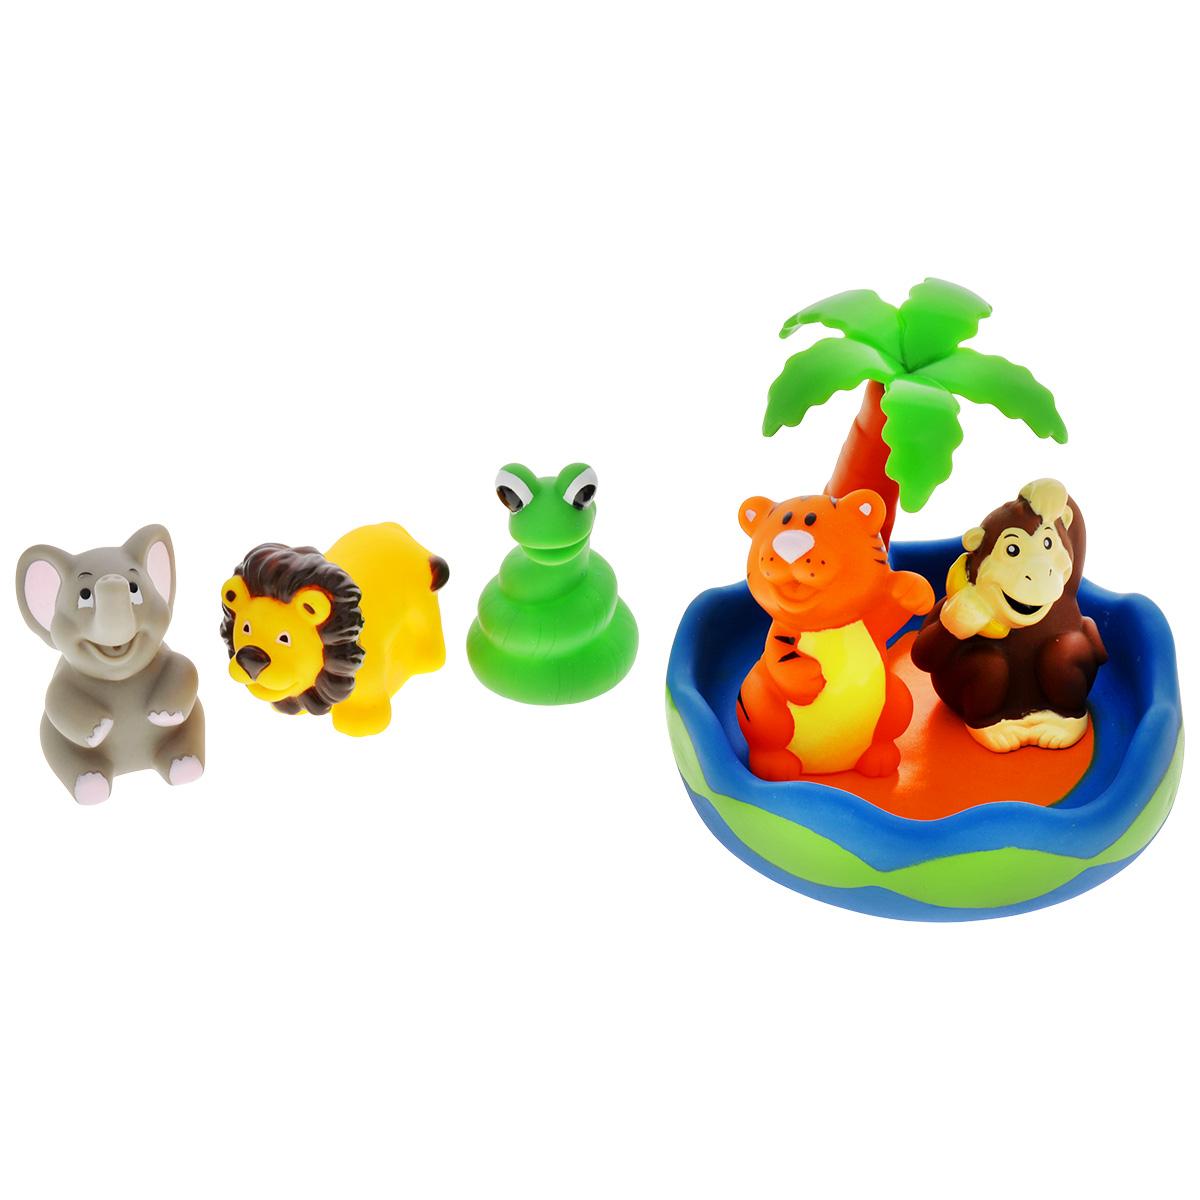 Игровой набор для ванны Mioshi Чудесный остров, 6 шт игровой набор для ванны mioshi пароходики 3 шт